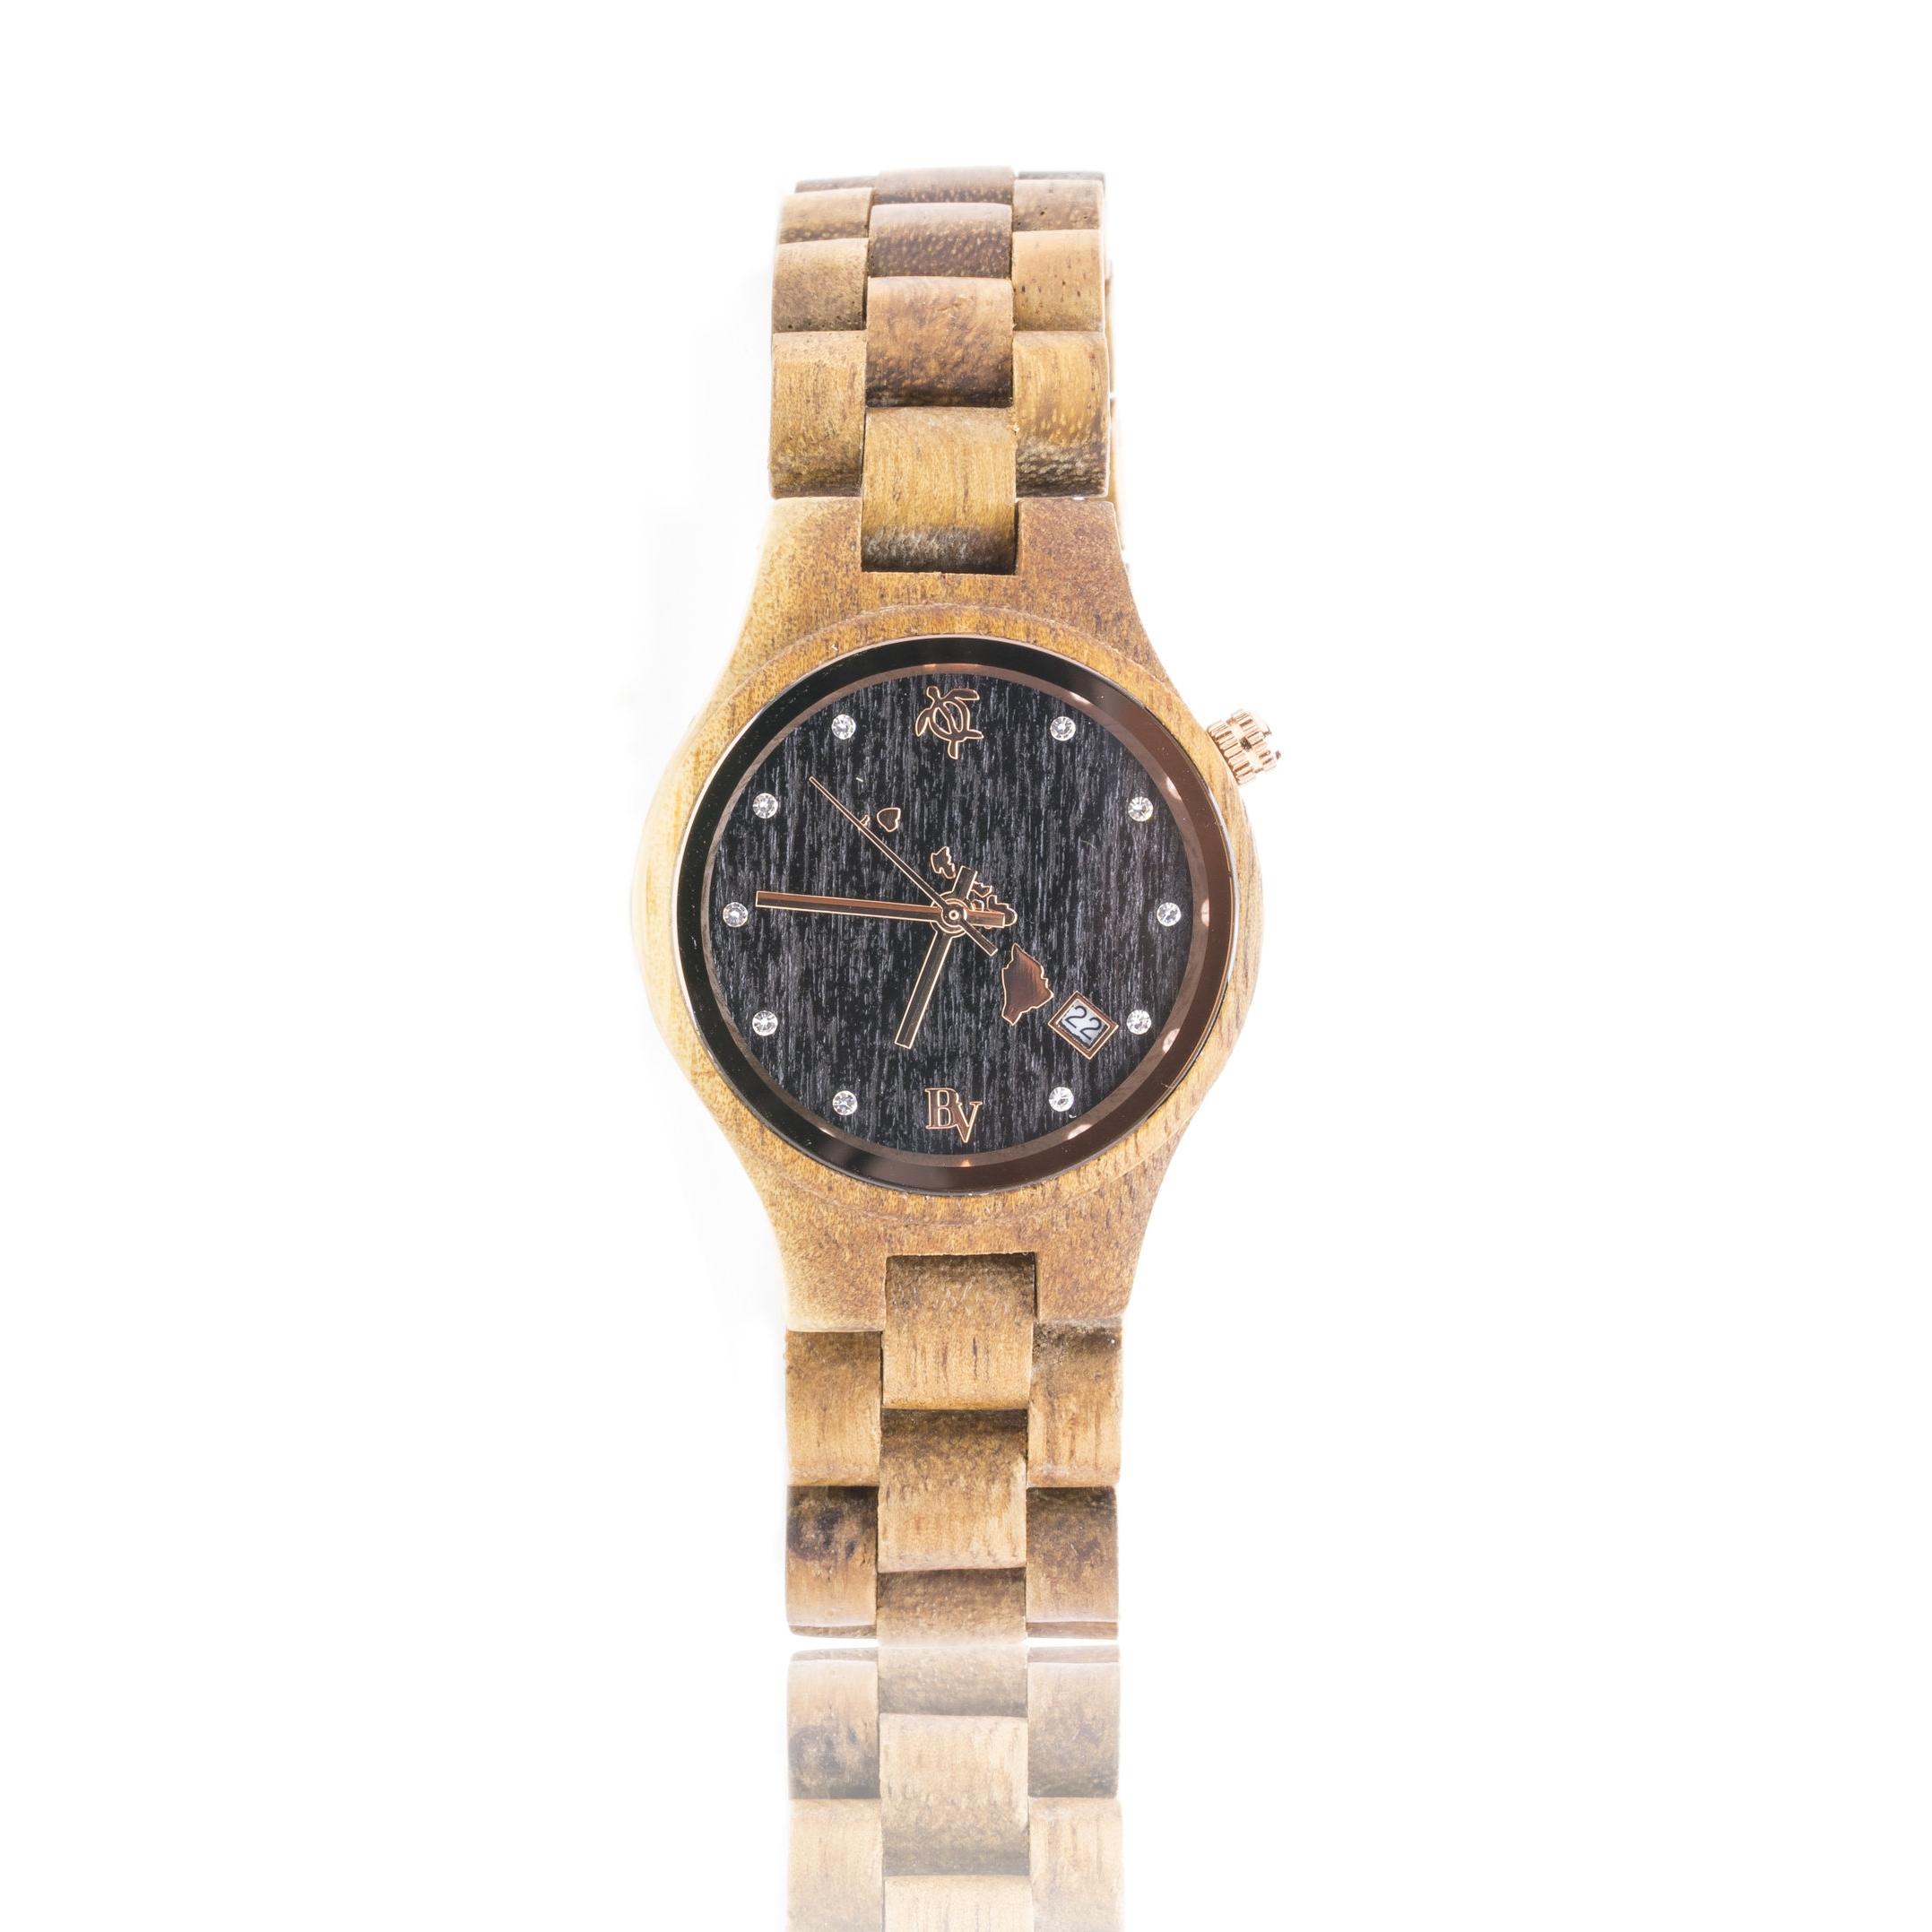 Koa wood watches for women